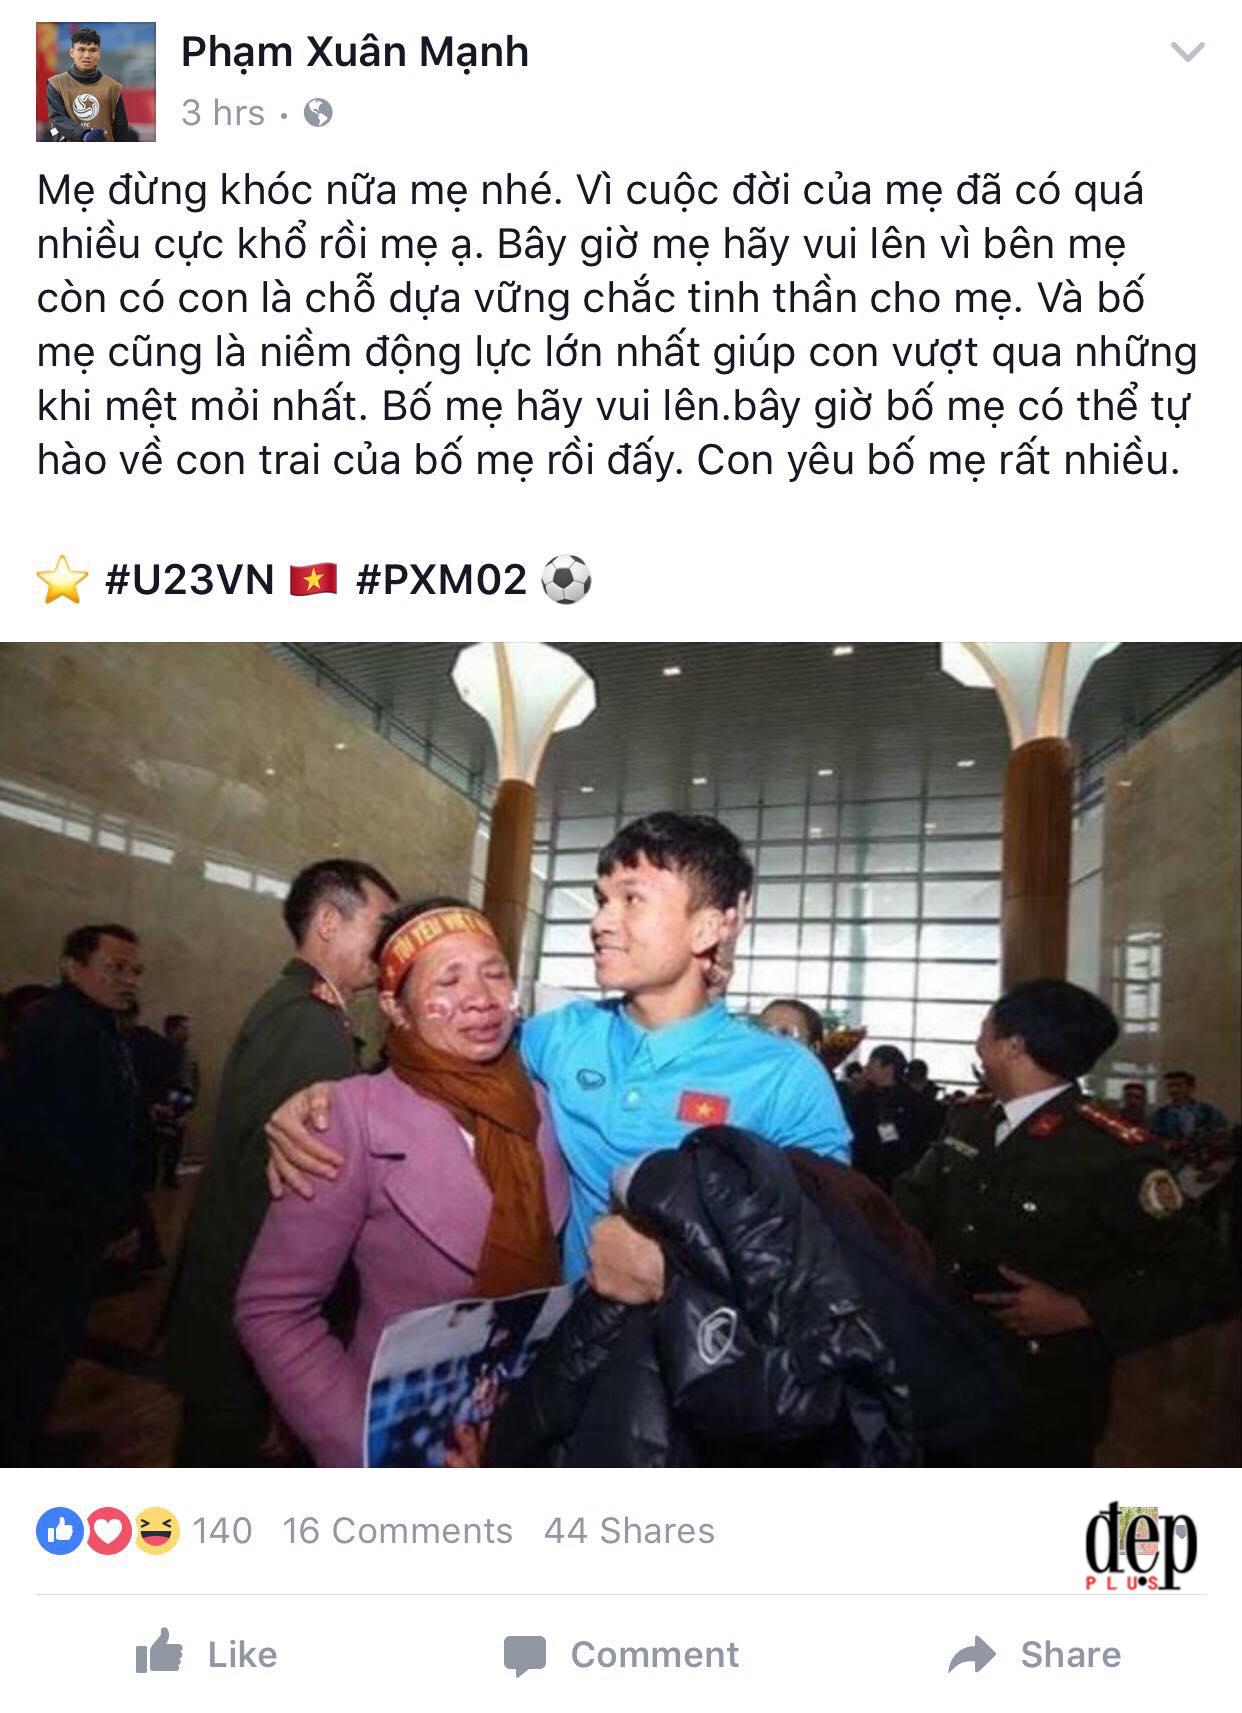 Nghẹn ngào khi nghe chia sẻ của Xuân Mạnh và Văn Đức về mẹ khi bị cổ động viên ngó lơ